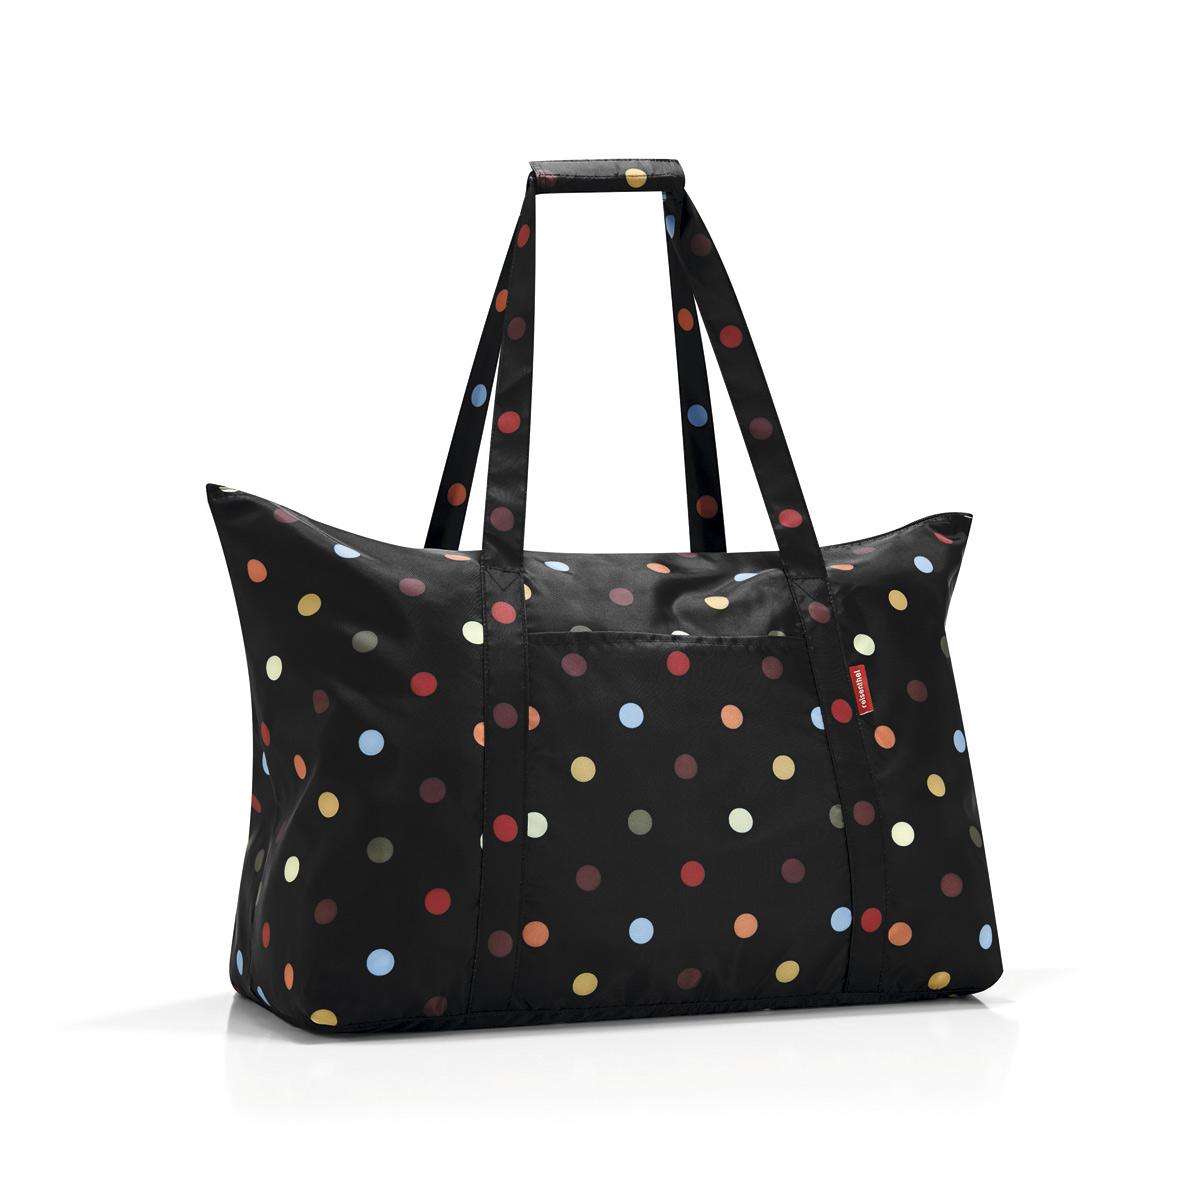 Сумка-шоппер женская Reisenthel Mini maxi travelbag dots, цвет: черный. AG7009AG7009Идеальный компаньон для путешествий, ведь из поездки мы всегда возвращаемся со множеством сувениров и покупок. Так что еще одна сумка пригодится. Она легко складывается в маленький чехол, которые можно взять с собой в сумке или рюкзаке. Так же можно использовать для похода за продуктами. Внутренний объем сумки - 30 литров. Есть внешний кармашек для мелочей. Для удобства ручки сумки можно соединить между собой.